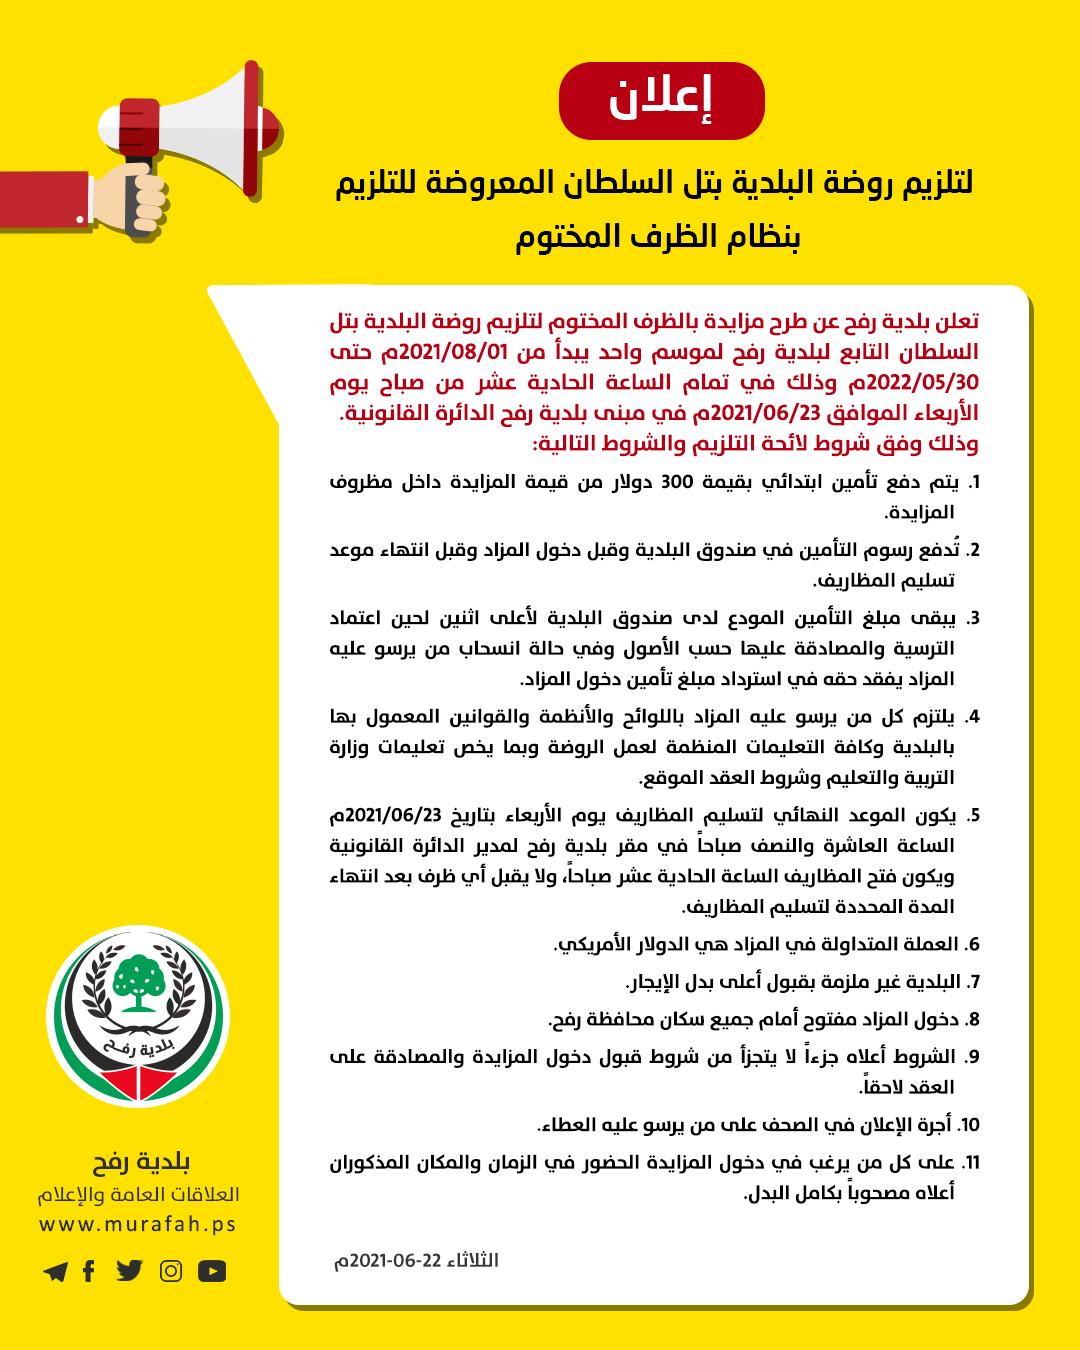 إعلان لتلزيم روضة البلدية بحي تل السلطان